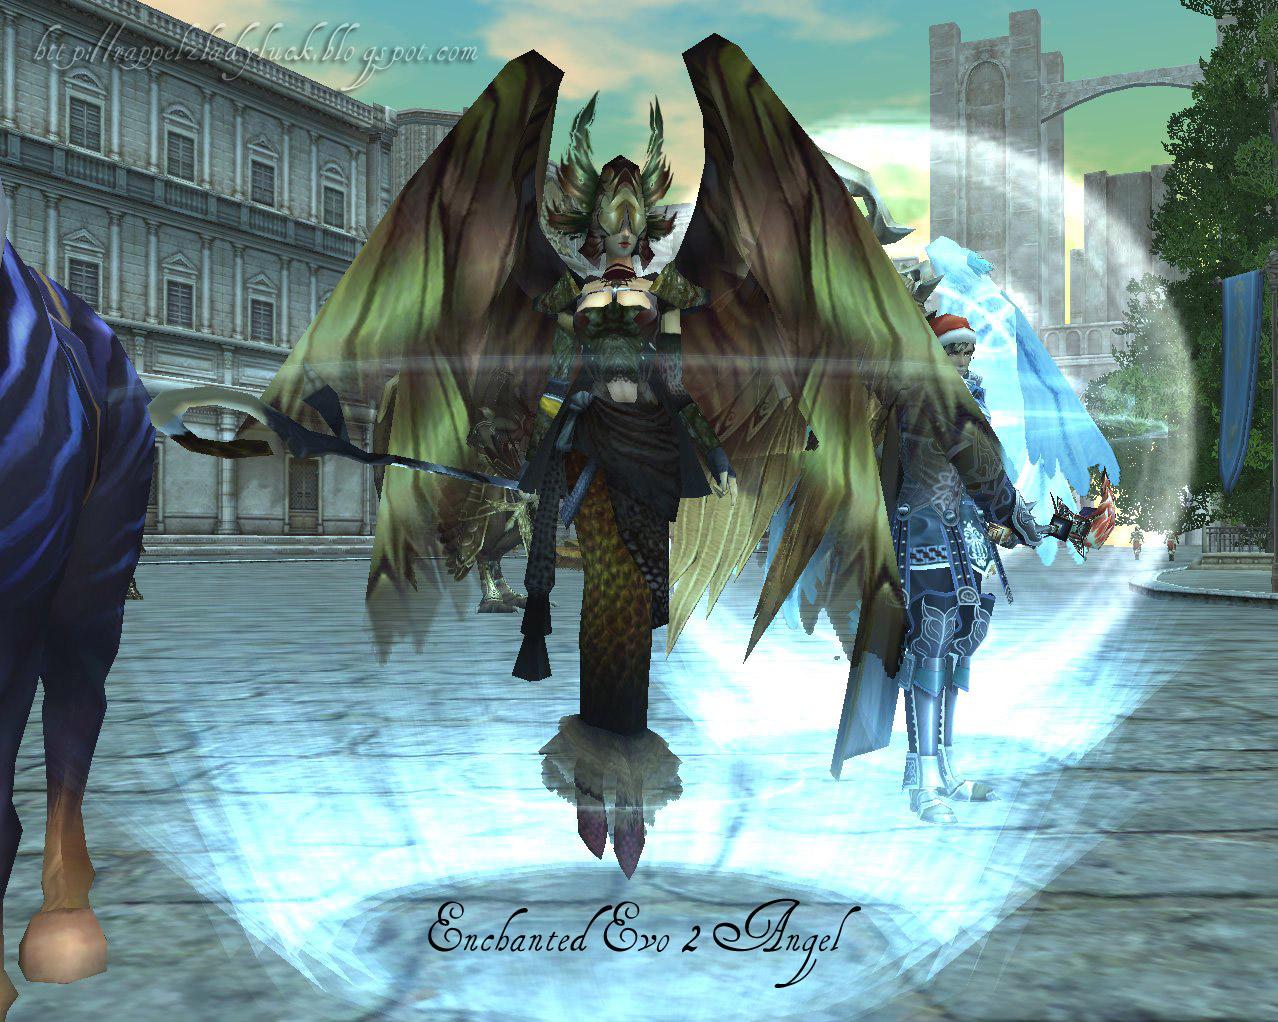 http://4.bp.blogspot.com/-g6bHs3qKq-I/Tat_PE5qfkI/AAAAAAAABUw/N73Lq2pPTNY/s1600/rappelz_screen00000057.jpg